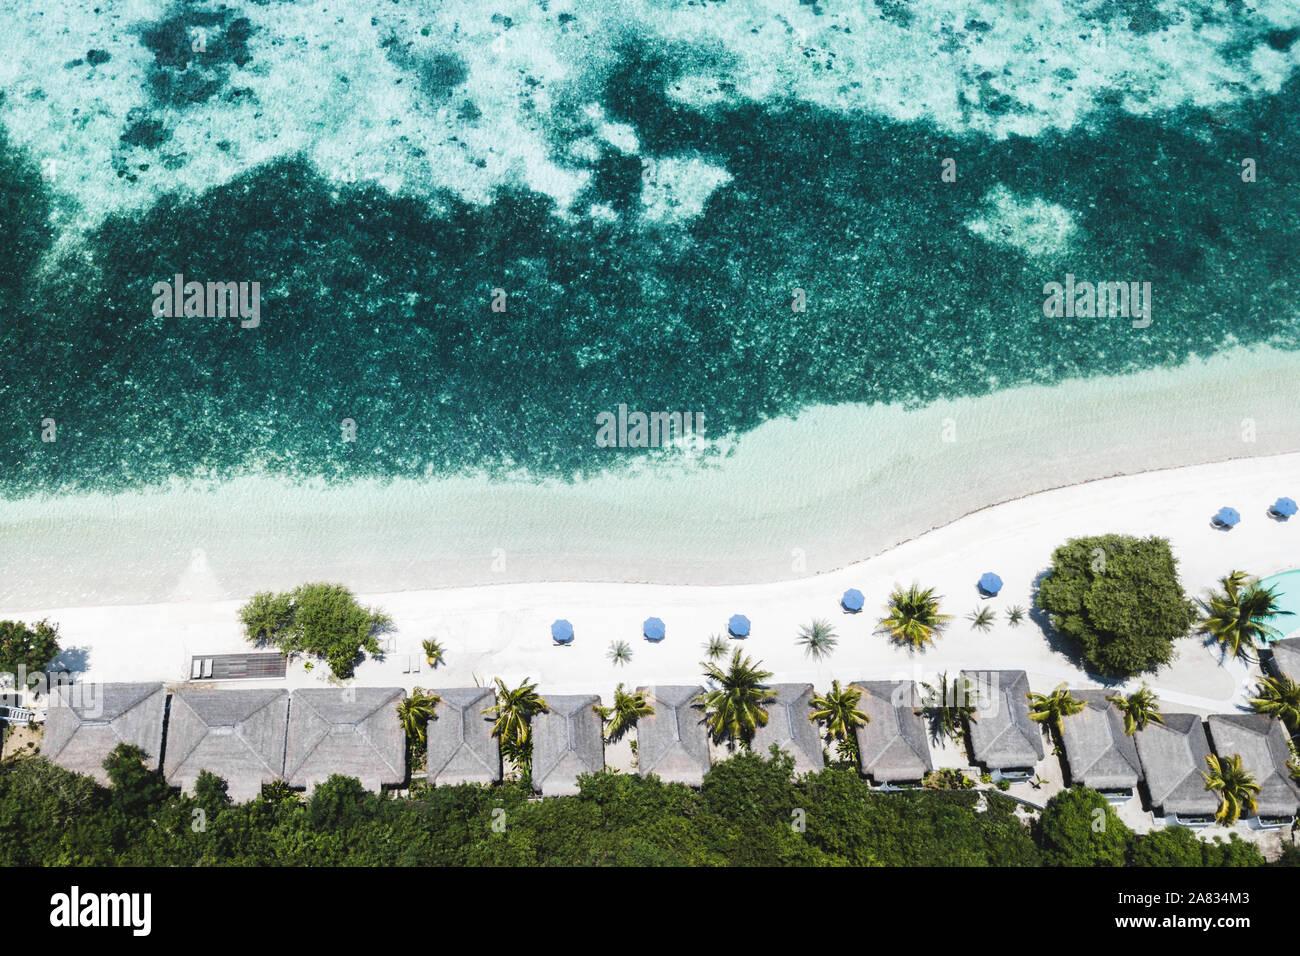 Vista aérea de playa blanca tropical con sombrillas azules, arrecifes de coral y palmas. Resumen drone disparó desde arriba. Viajes y vacaciones concepto. Foto de stock